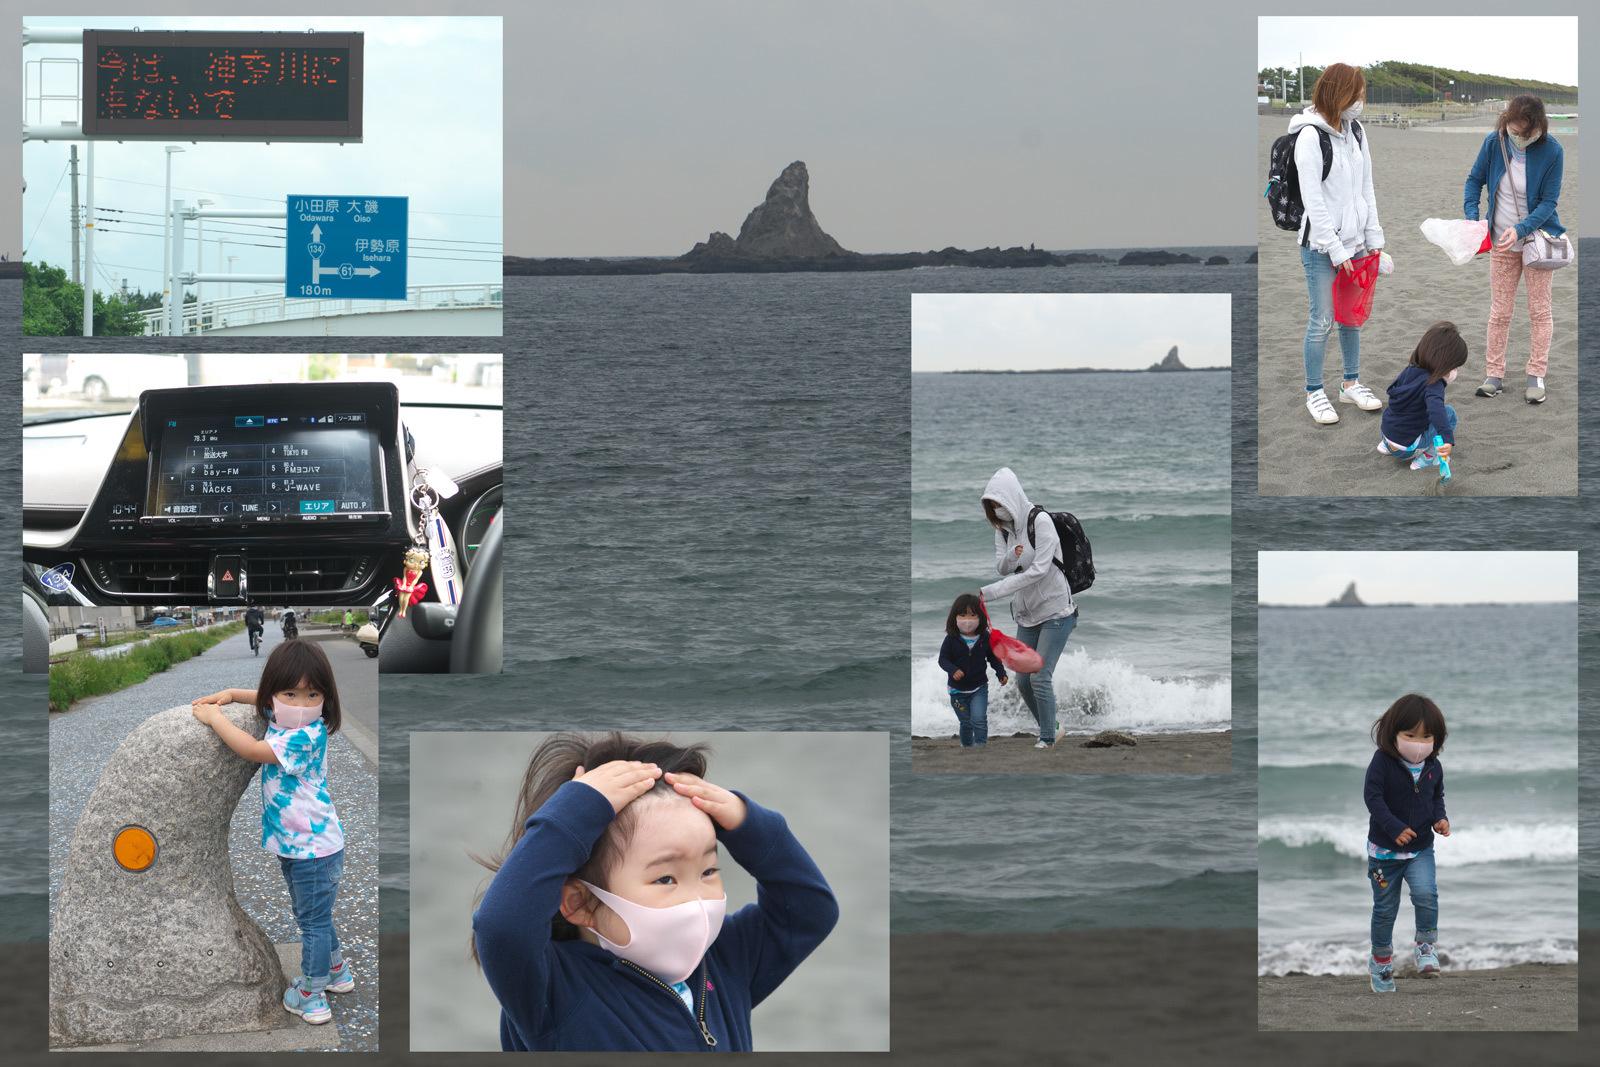 孫のコロナストレス発散のため平塚_a0271402_12132778.jpg